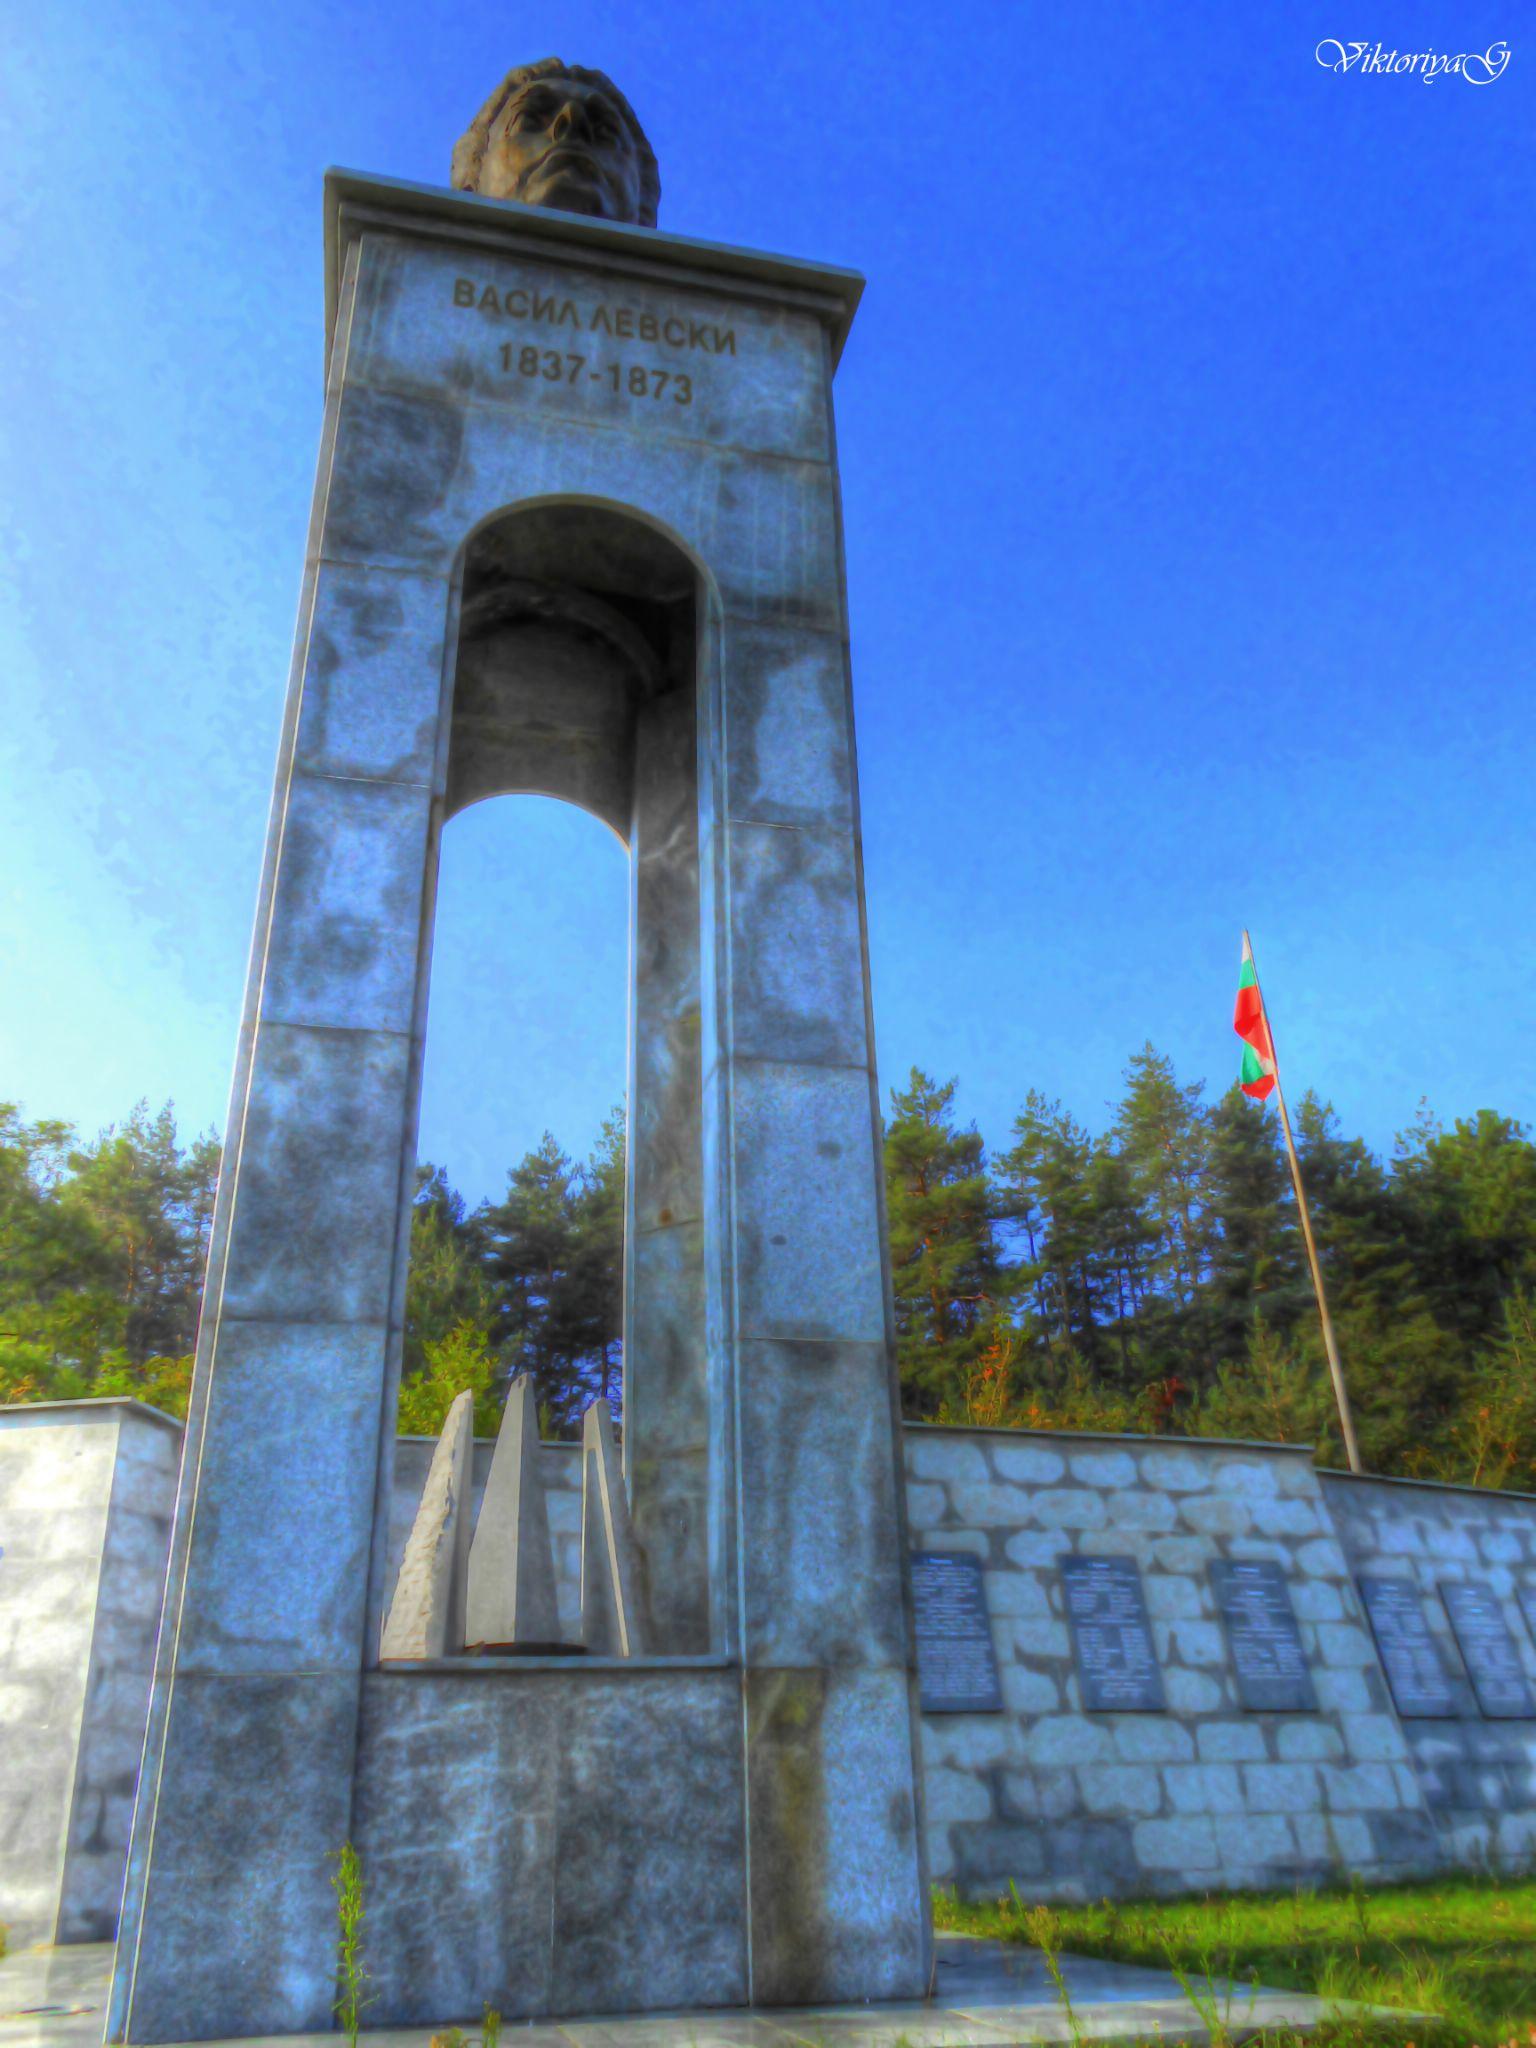 The monument of Vasil Levski  by Viktoriya Georgieva